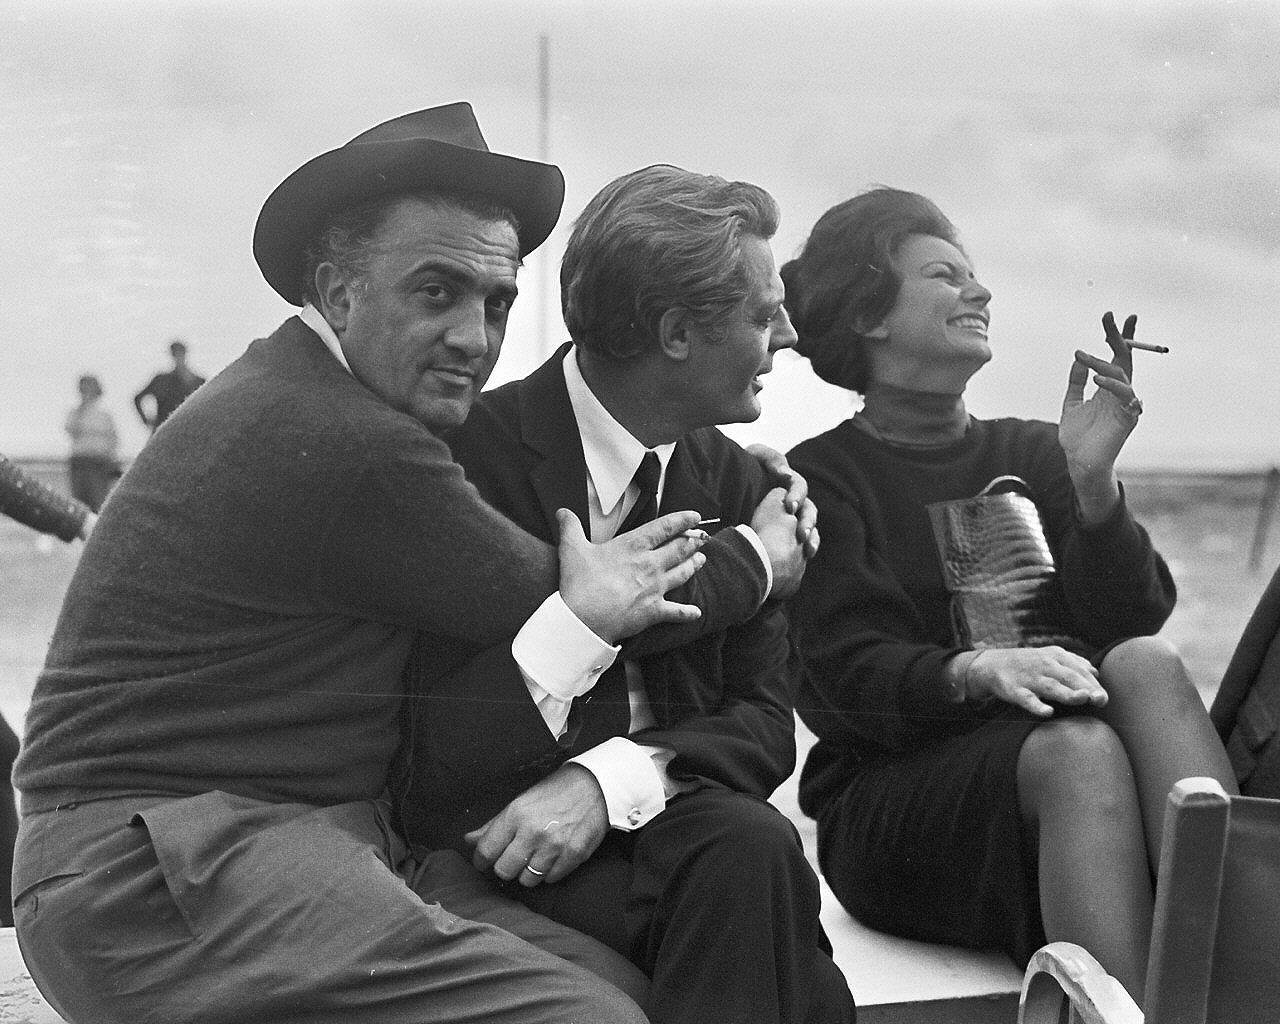 Federico-Fellini-Marcello-Mastroianni-and-Sophia-Loren